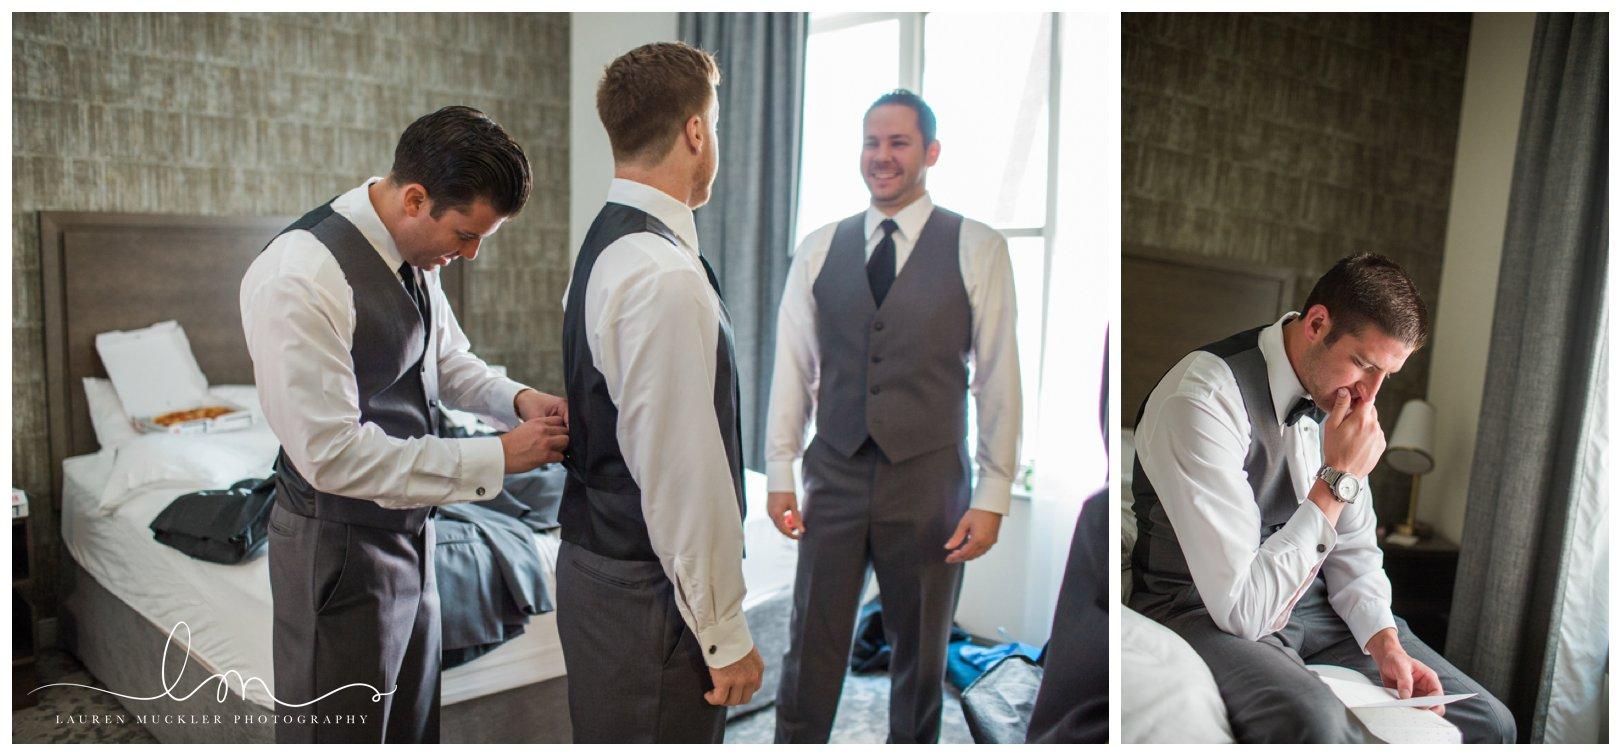 lauren muckler photography_fine art film wedding photography_st louis_photography_0257.jpg